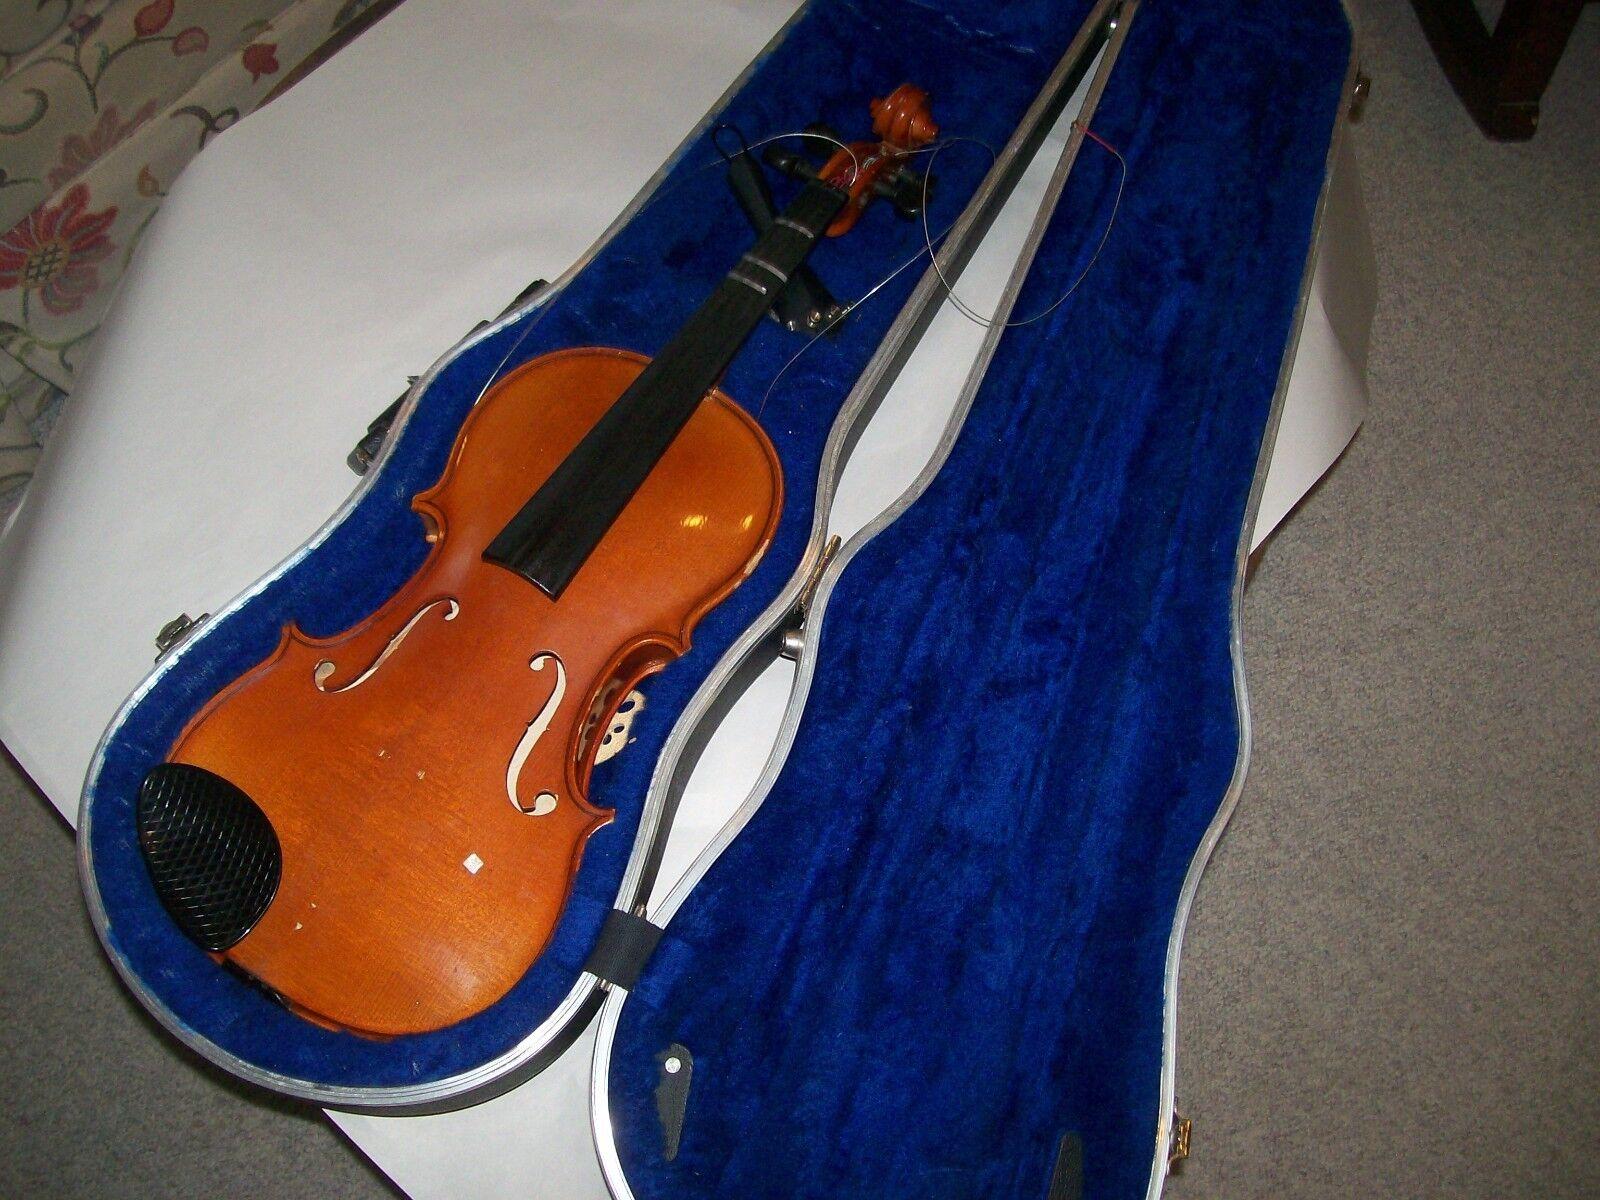 Violin 4 4 Struna Model 220 w case for restoration or parts